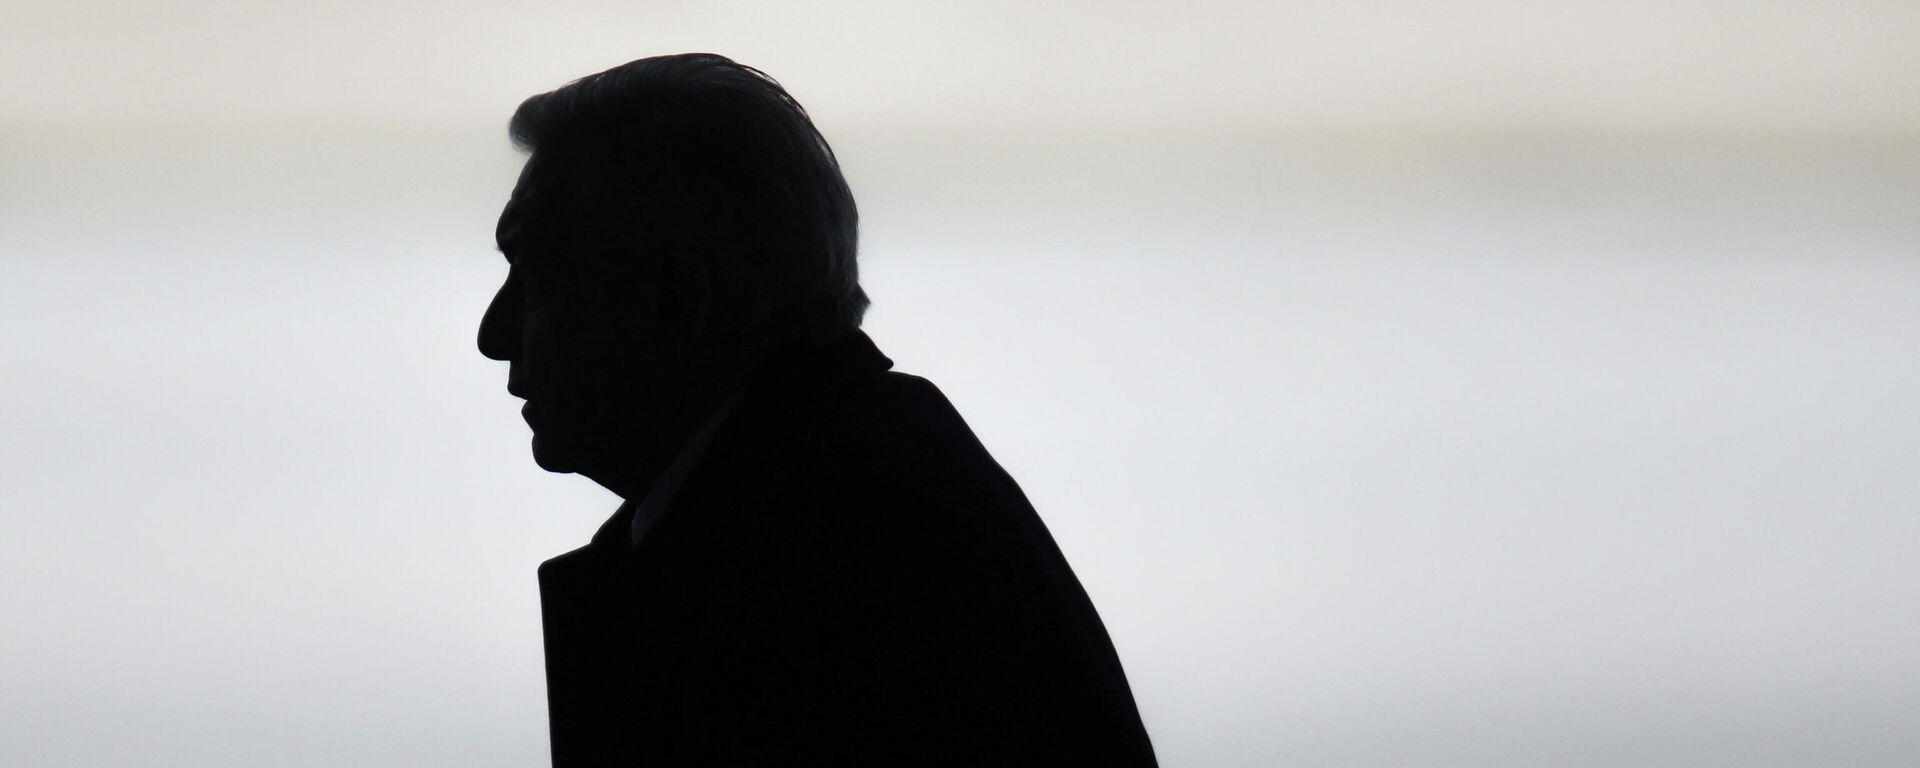 El presidente de México, Andrés Manuel López Obrador, durante la inauguración de una ampliación de la que había sido la Base Aérea Militar Santa Lucía.  - Sputnik Mundo, 1920, 17.05.2021